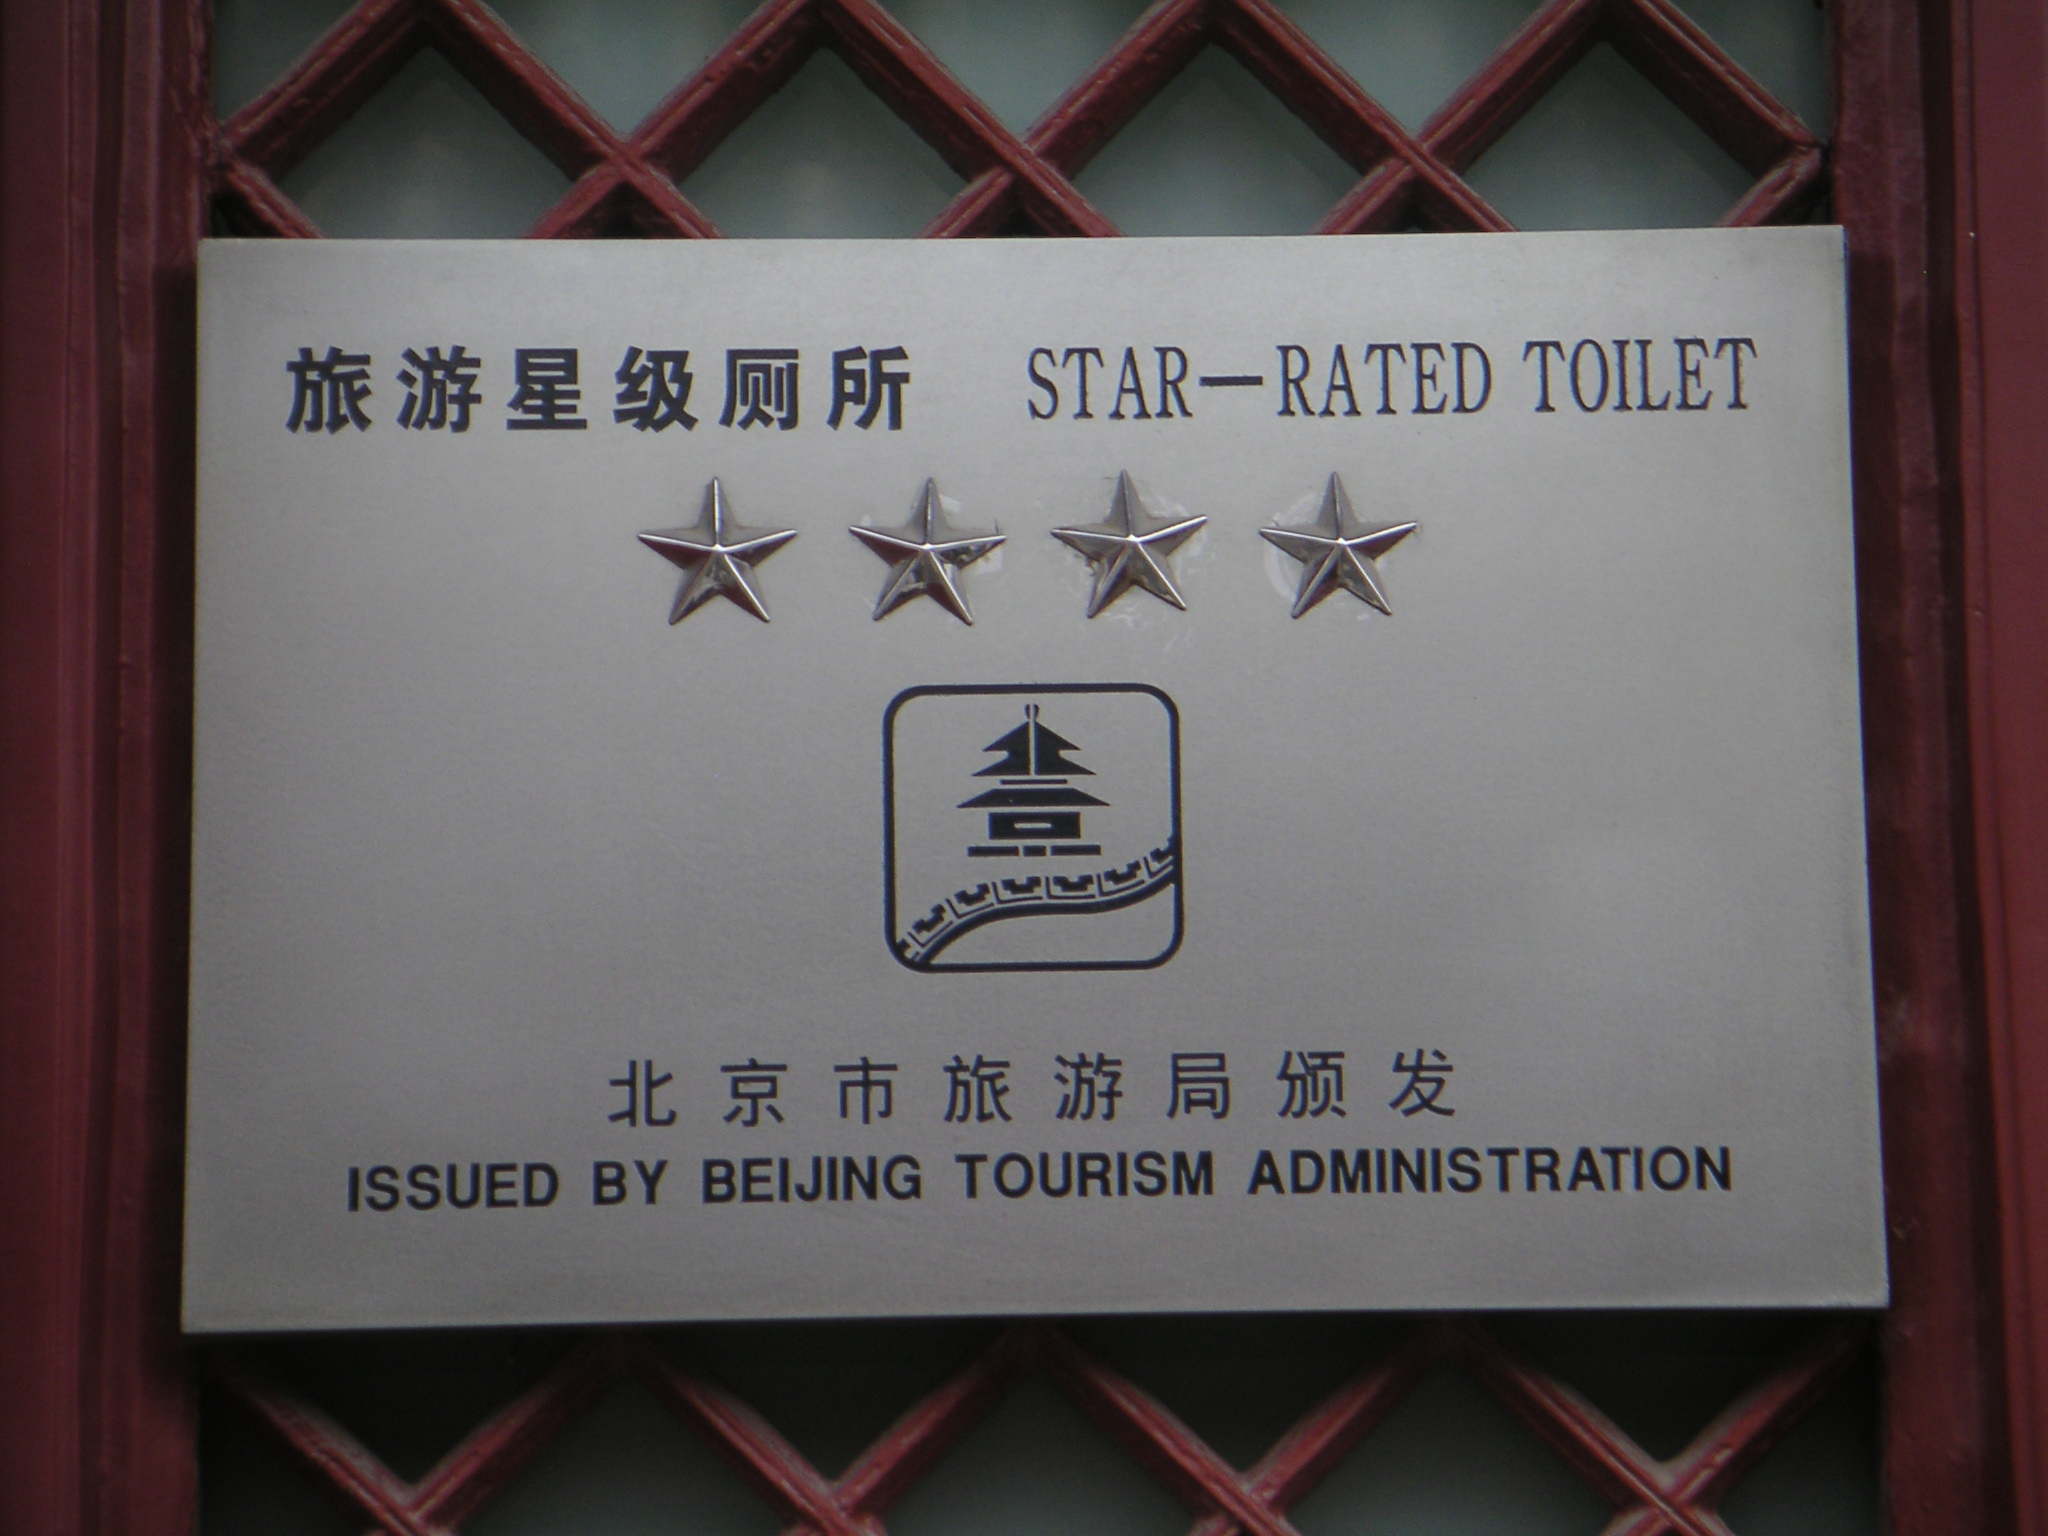 Китайские отели настолько суровы, что даже туалеты в них 5-звездочные! О чем и свидетельствует эта табличка :) Фото: umich.edu